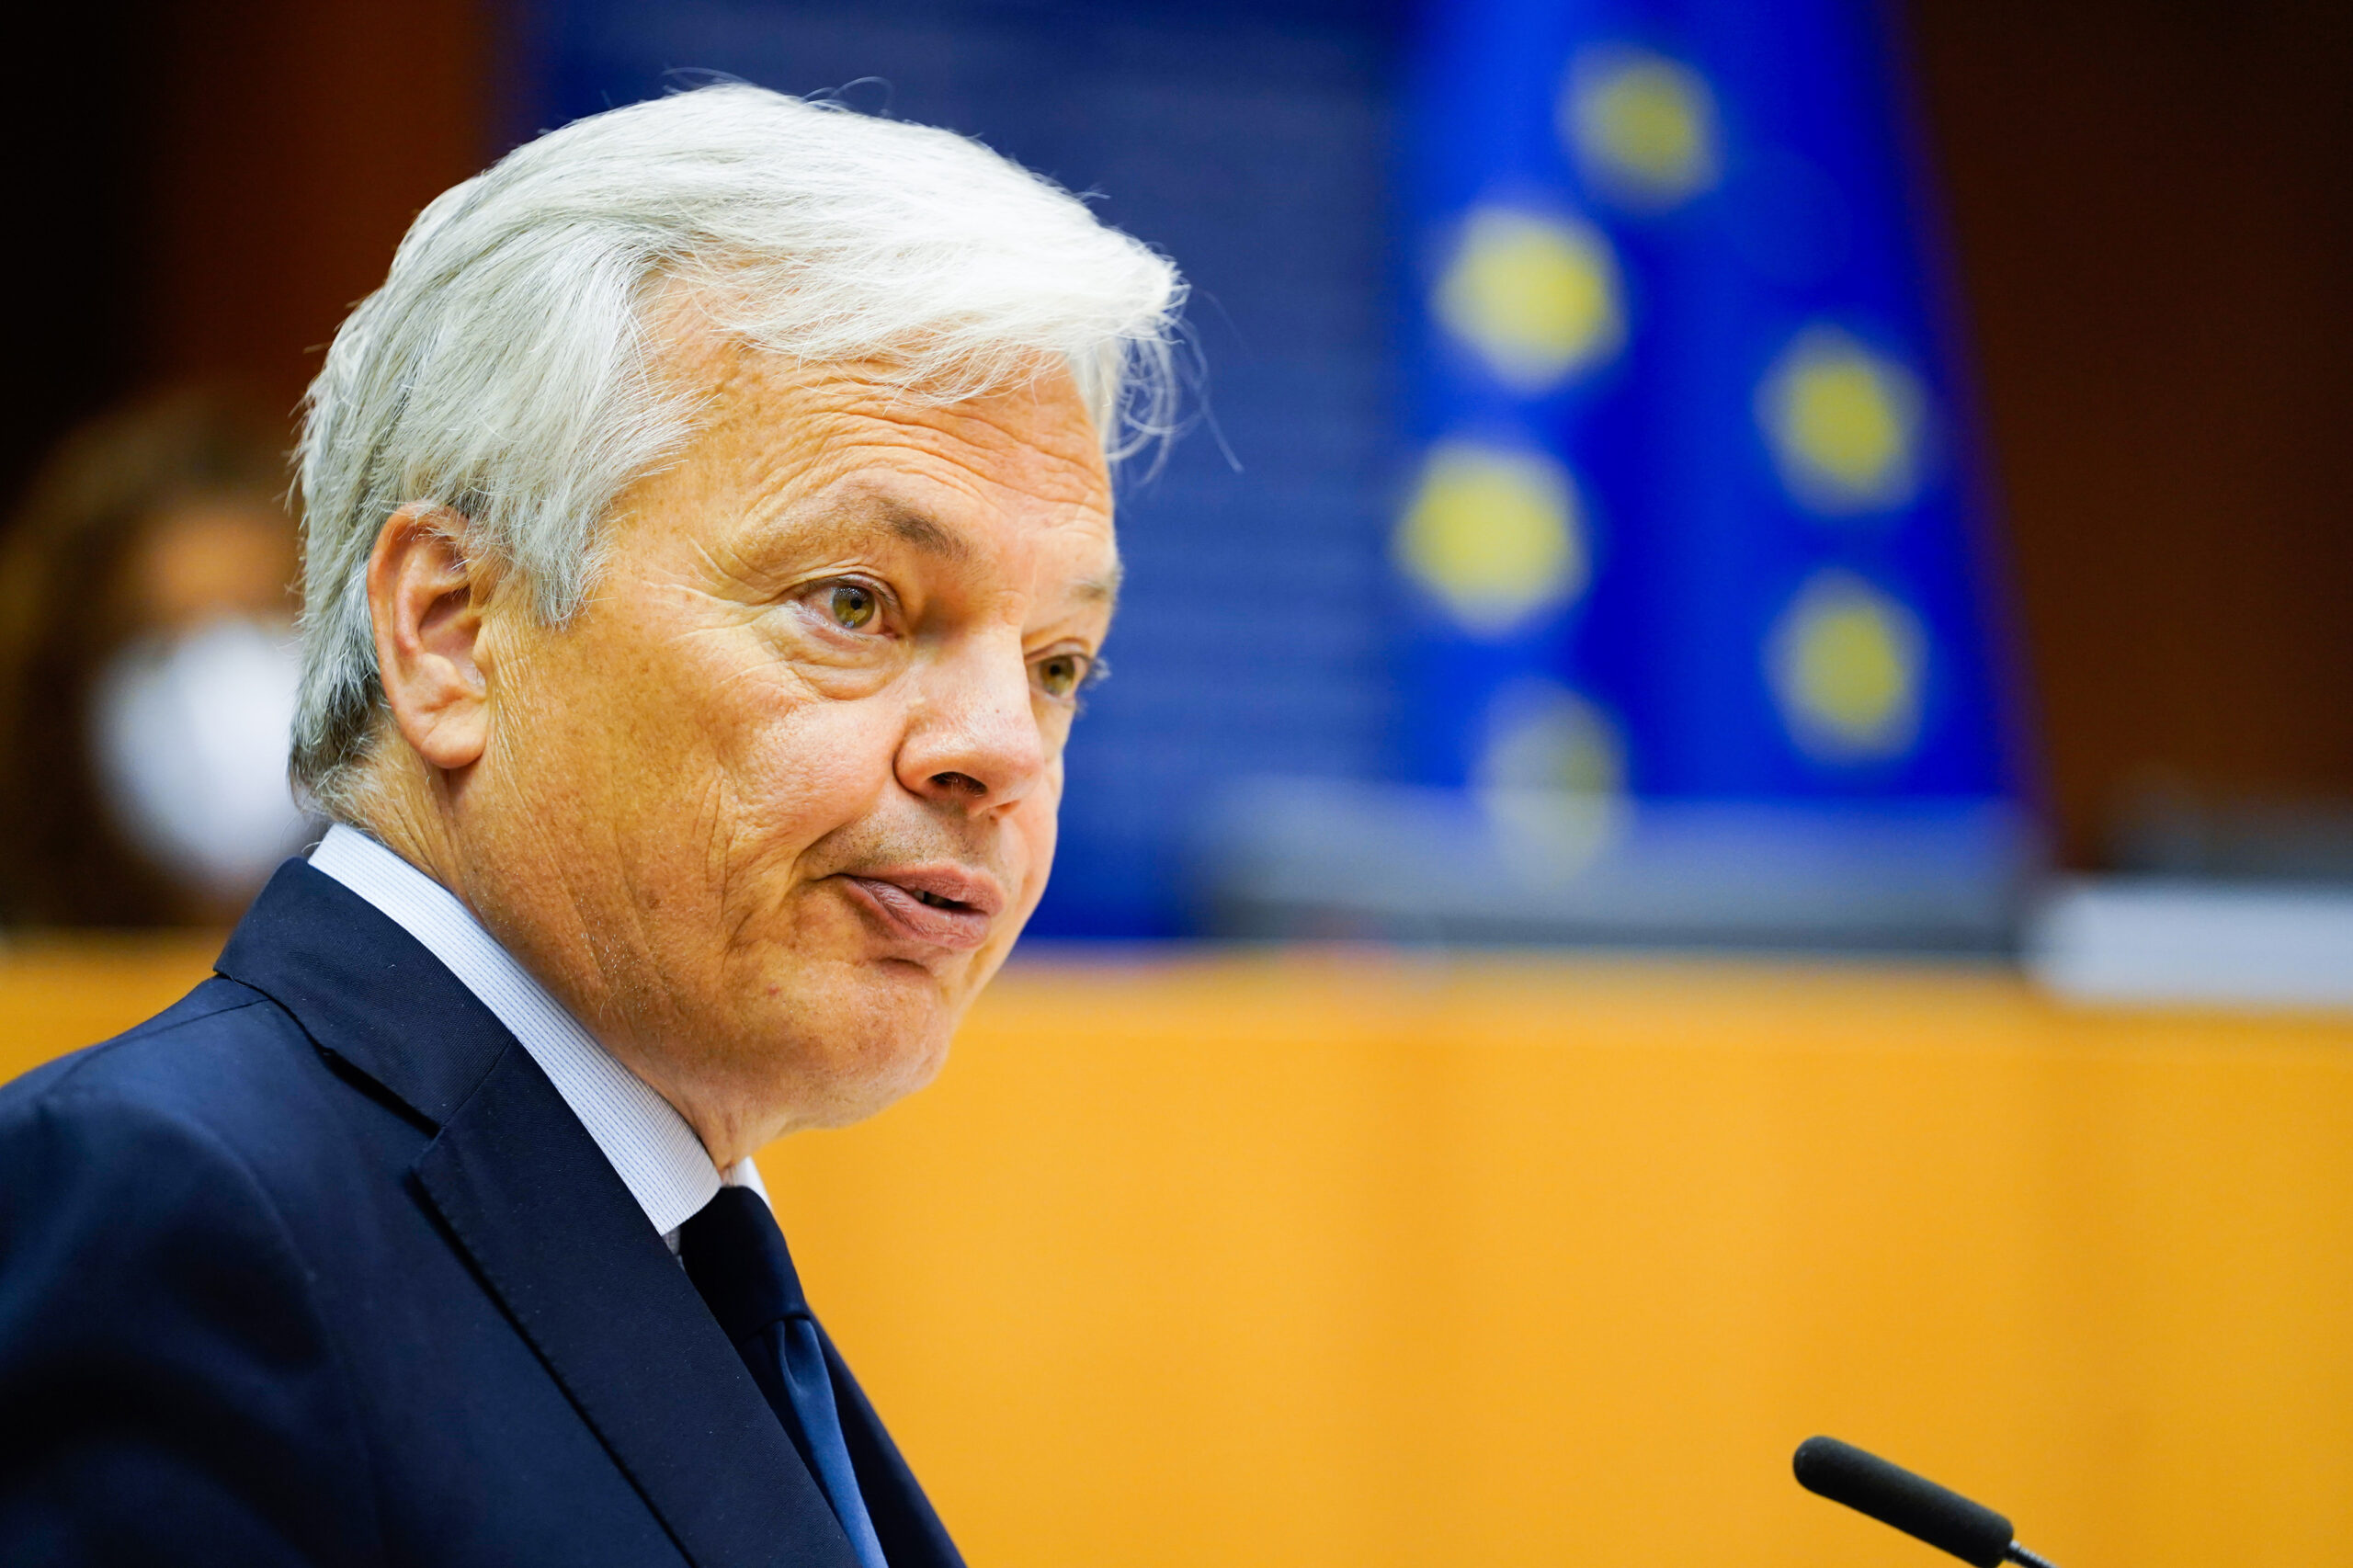 L'eurocomissari de Justícia, Didier Reynders, durant una compareixença a l'Eurocambra, al maig del 2020 / ACN